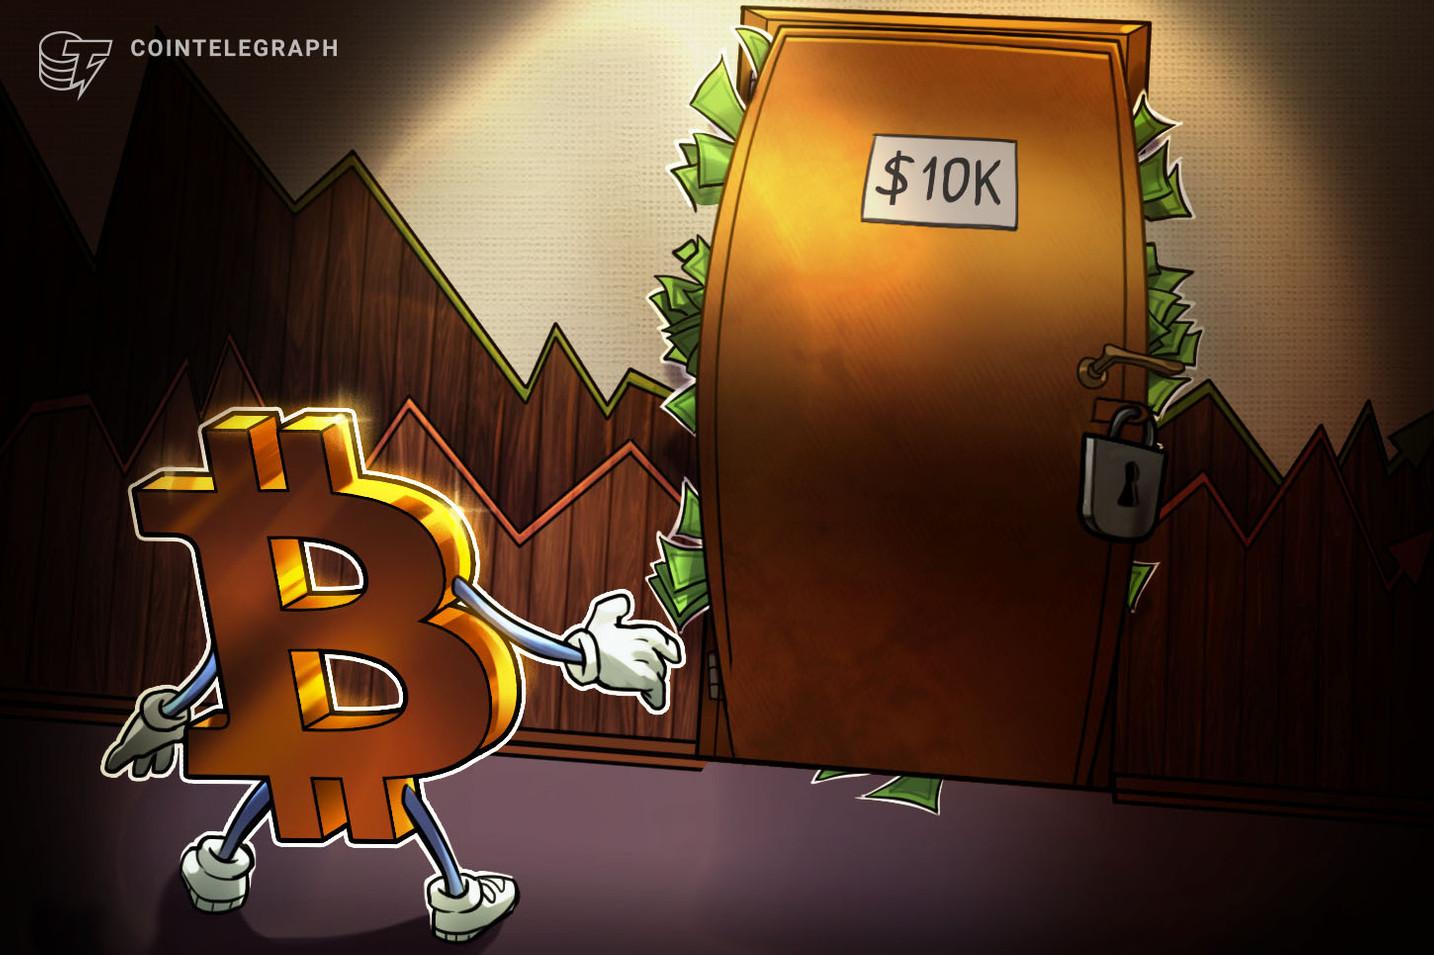 仮想通貨ビットコイン、1万ドル突破なるか? 今後の強気シナリオと弱気シナリオ